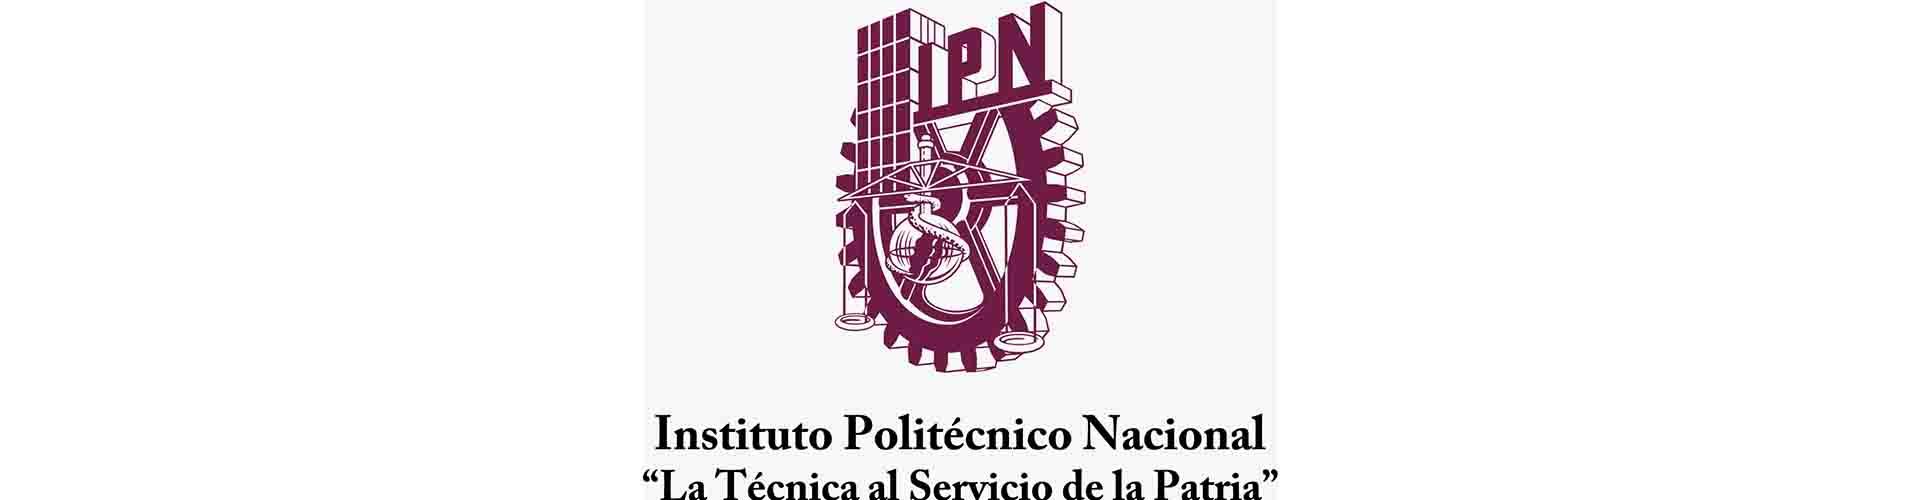 Garantiza IPN asignación de grupos a todos los estudiantes